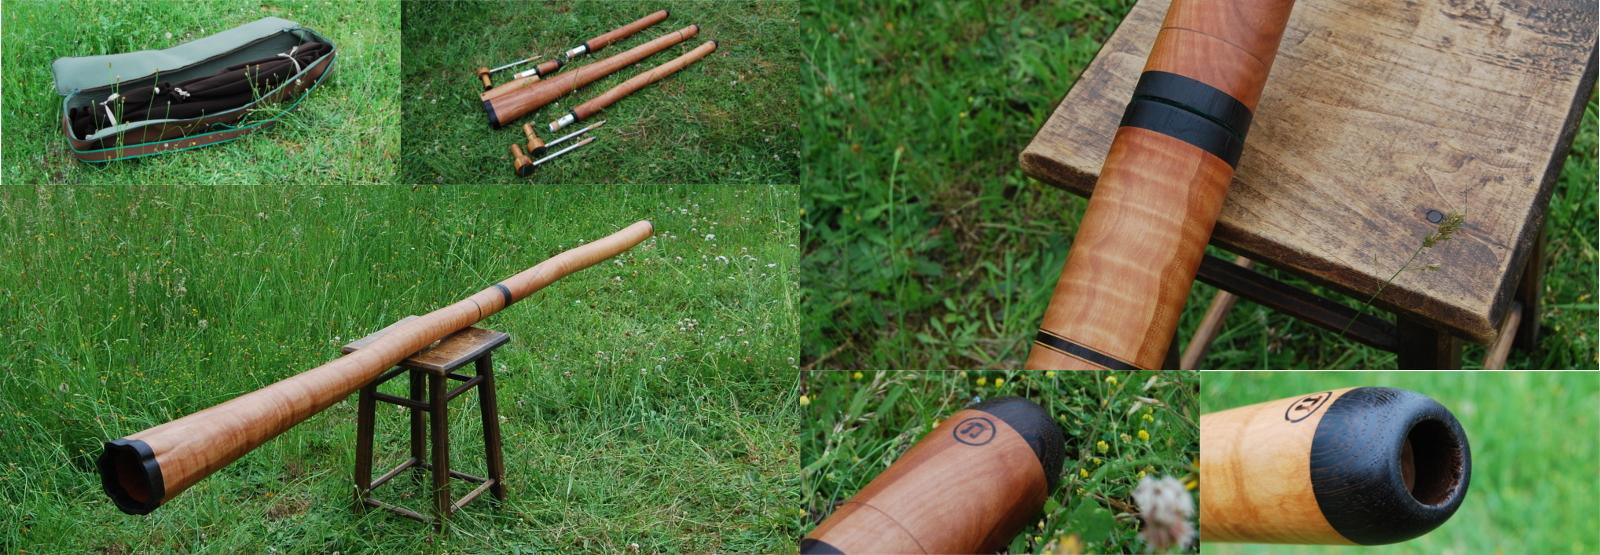 Pivert Didgeridoos_103